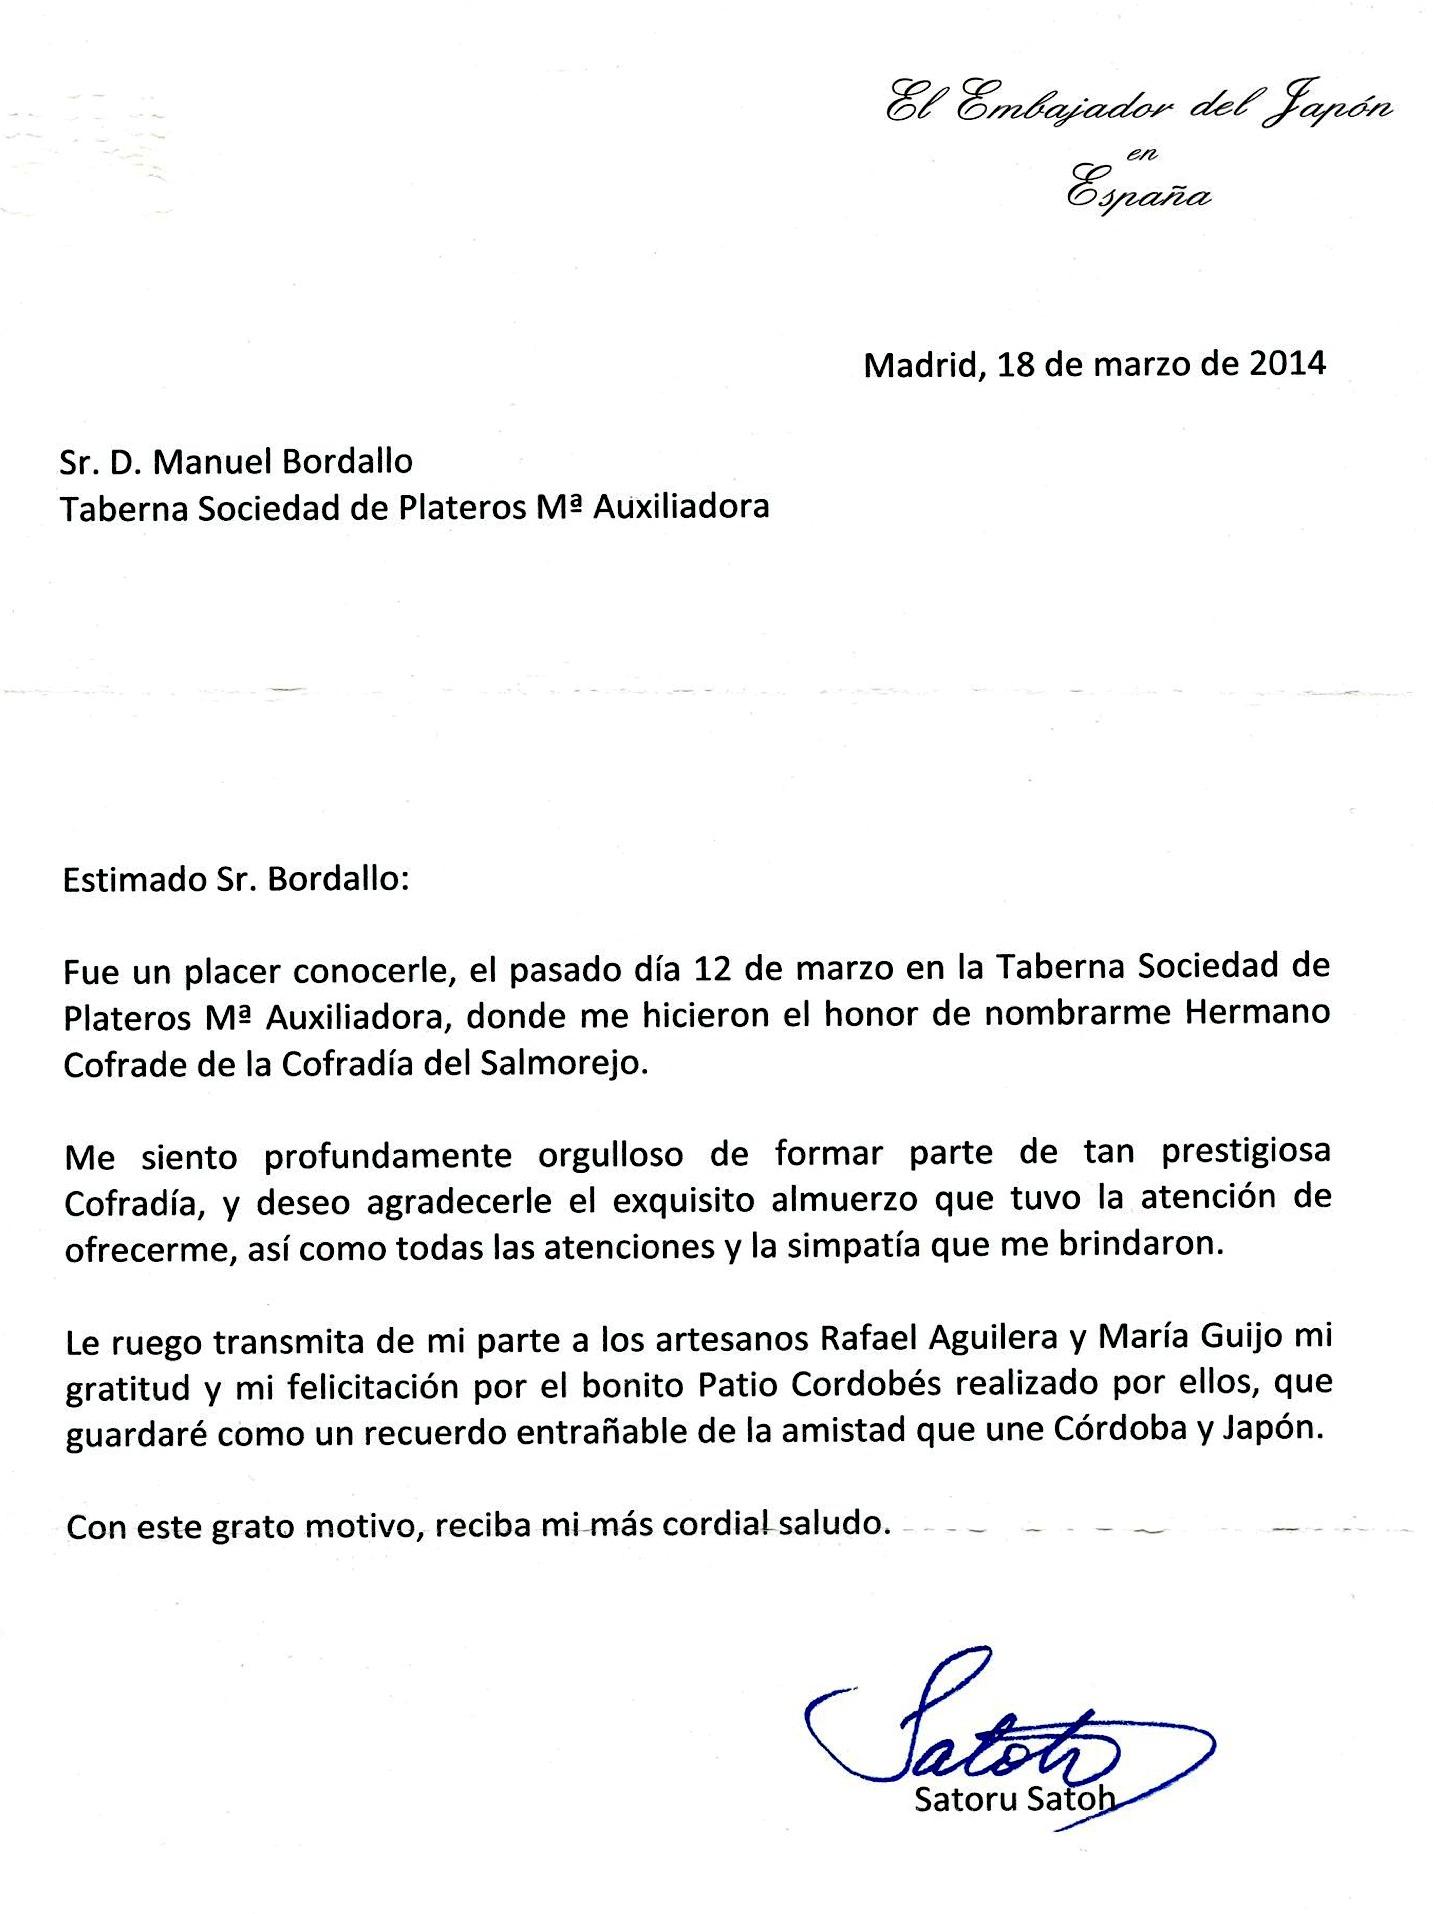 Carta embajador del Japón al Restaurante Sociedad Plateros Maria Auxiliadora